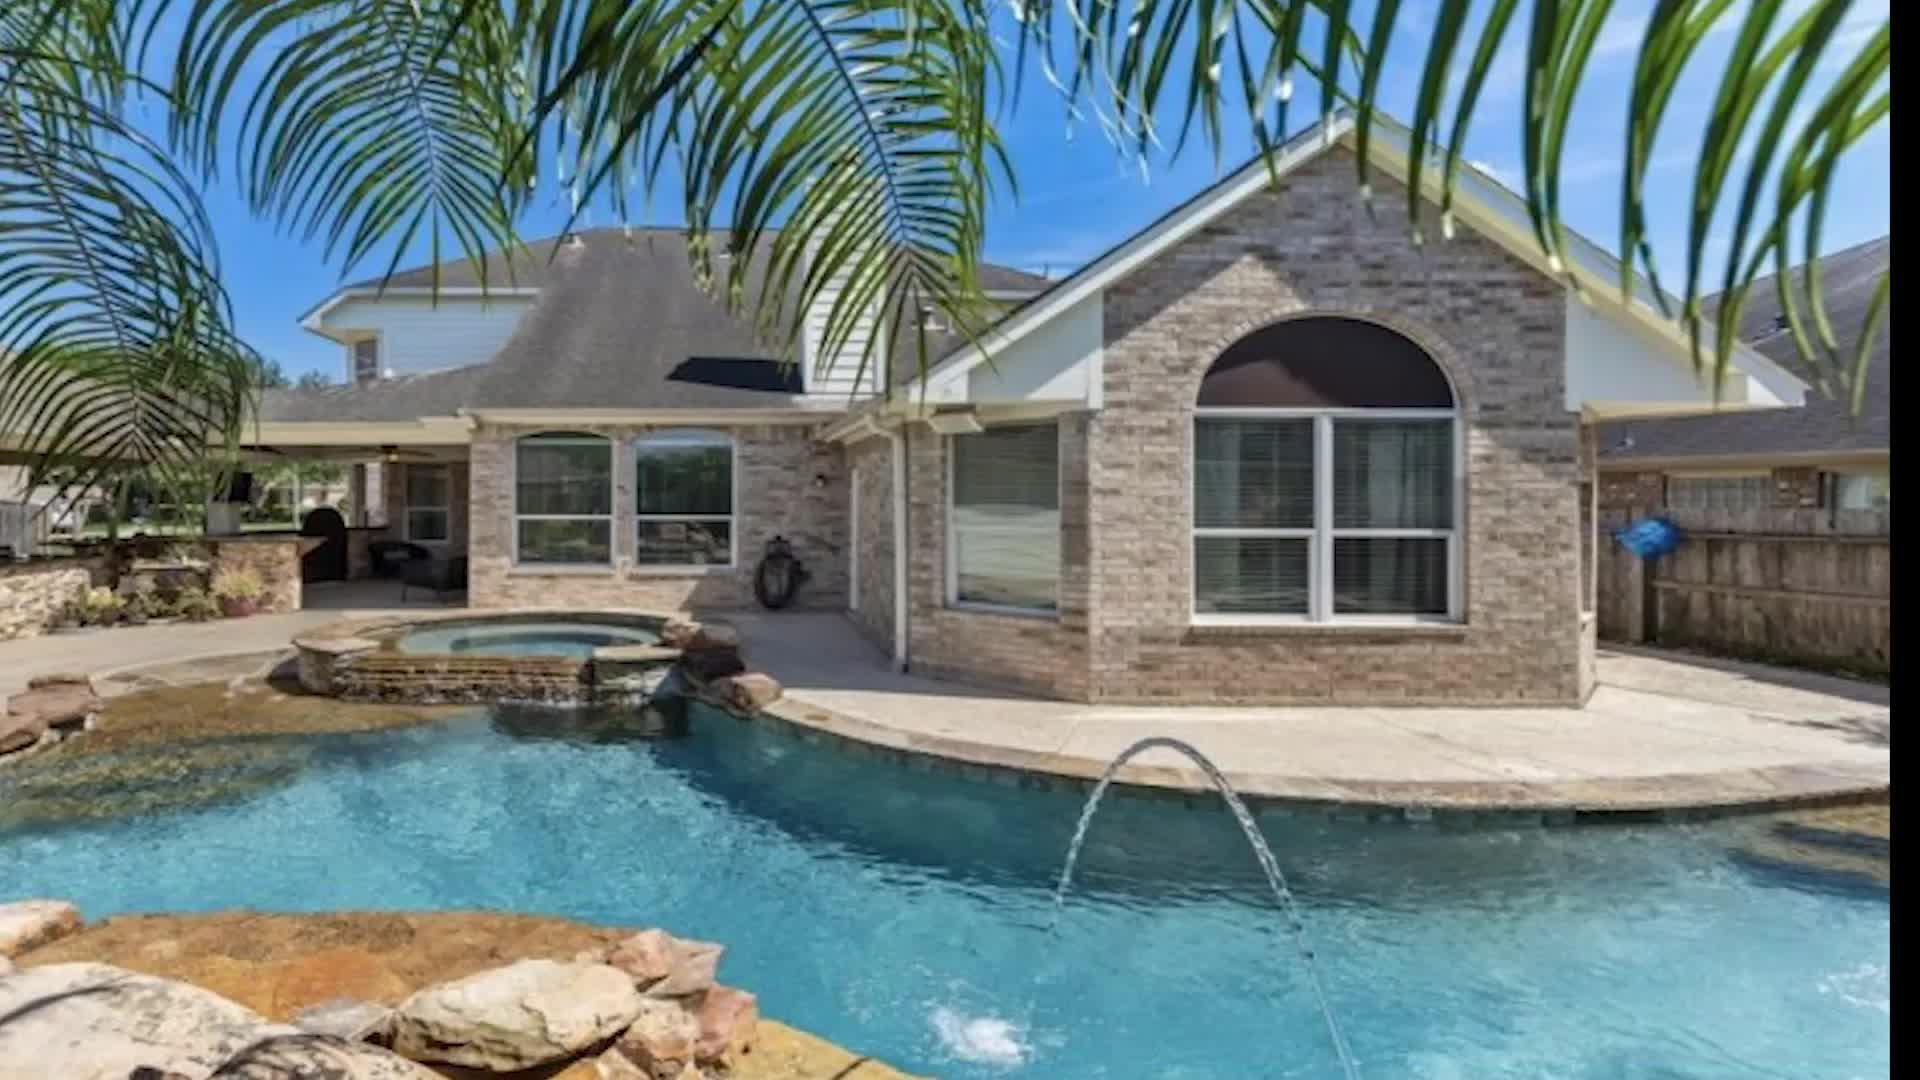 ¿Sin piscina este verano? Alquila una en Swimply